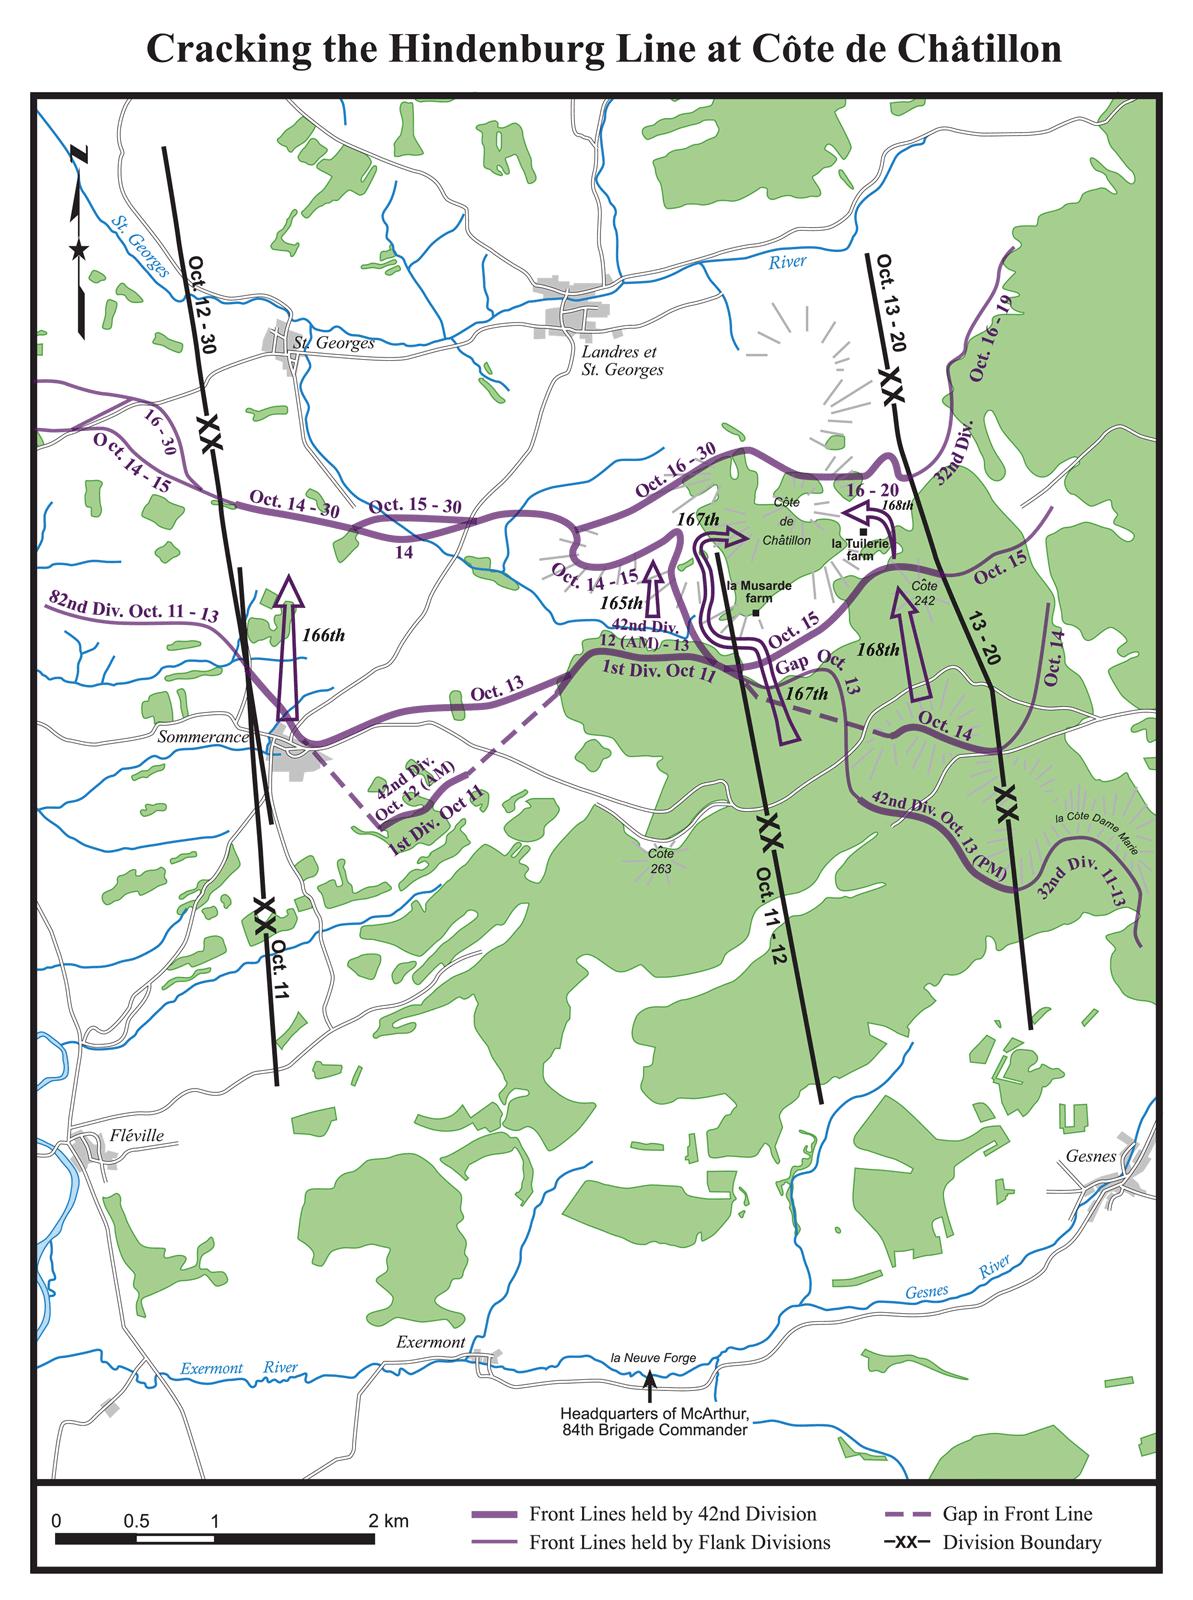 Percée de la Ligne Hindenburg à la Côte de Châtillon